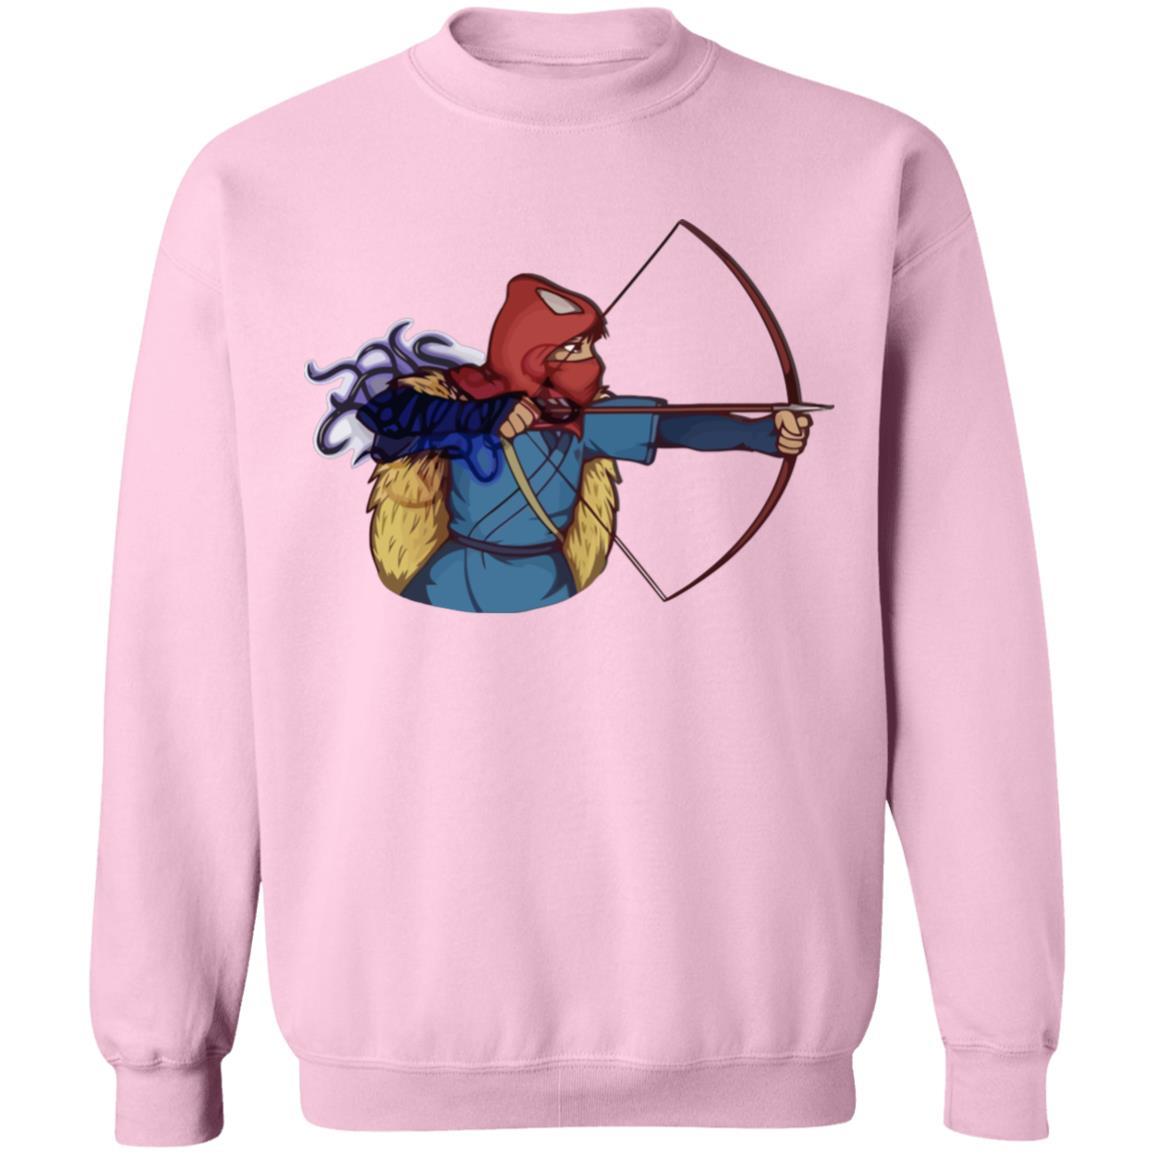 Princess Mononoke – Ashitaka Sweatshirt